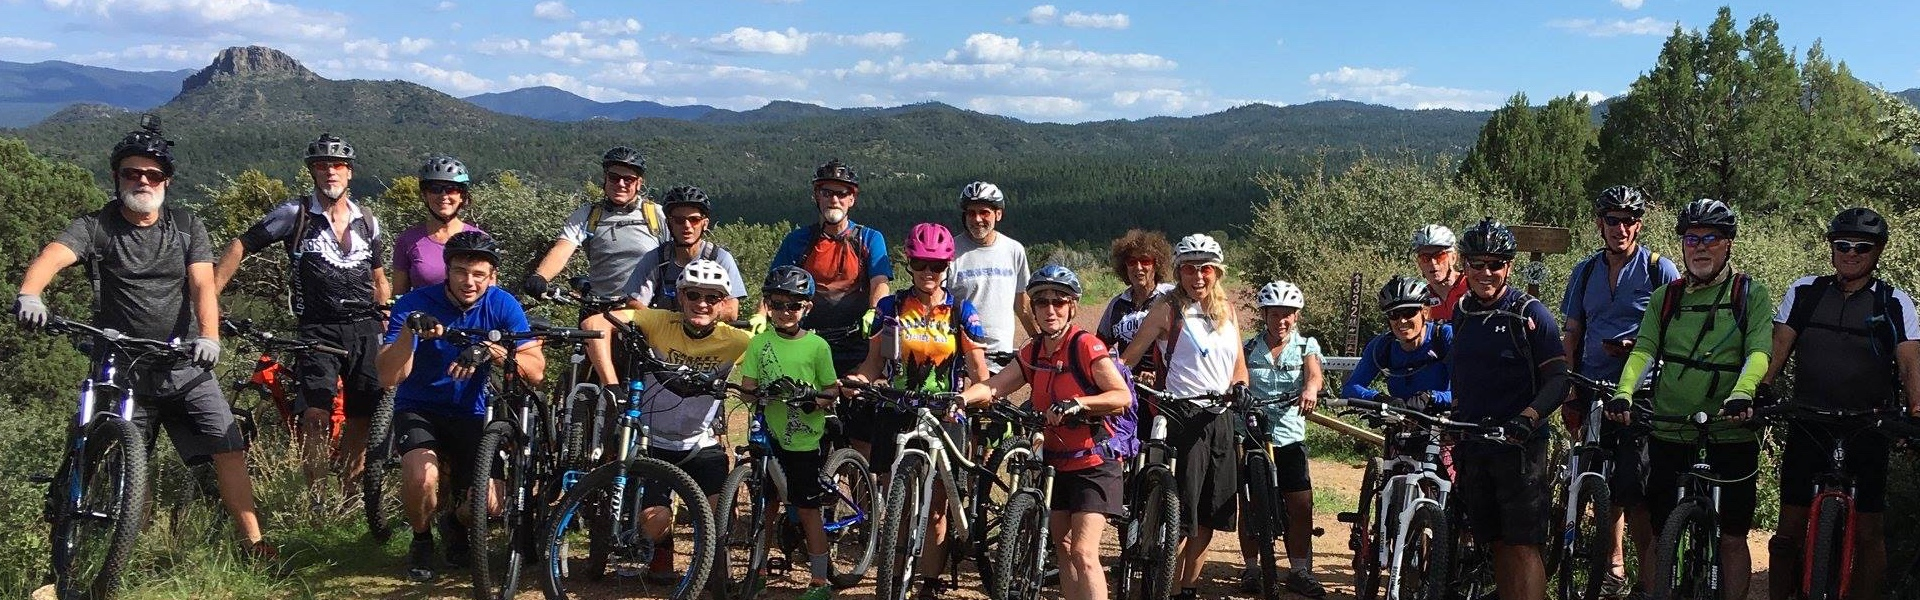 Prescott Mountain Bike Alliance 8-80 ride